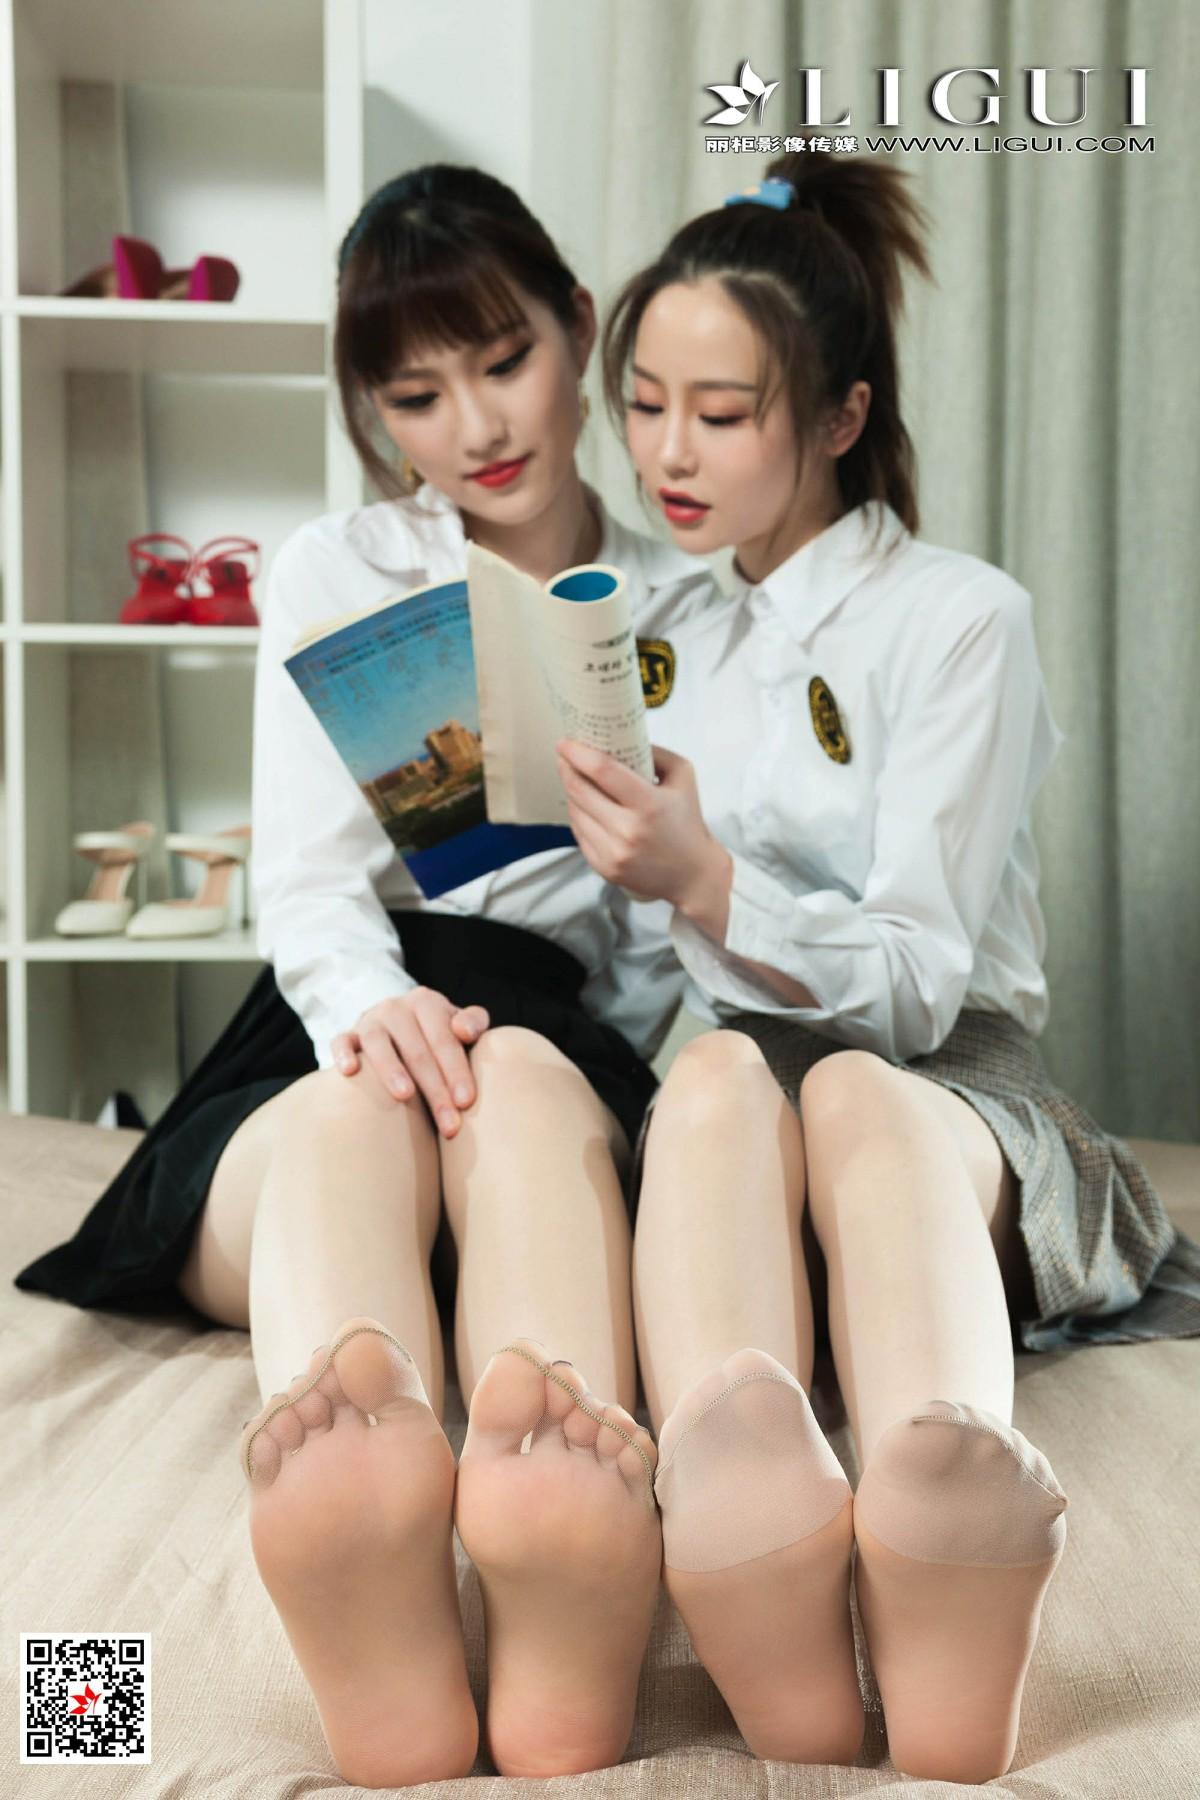 [Ligui丽柜]2020.04.24《闺蜜情丝》阳阳&洋洋 第1张